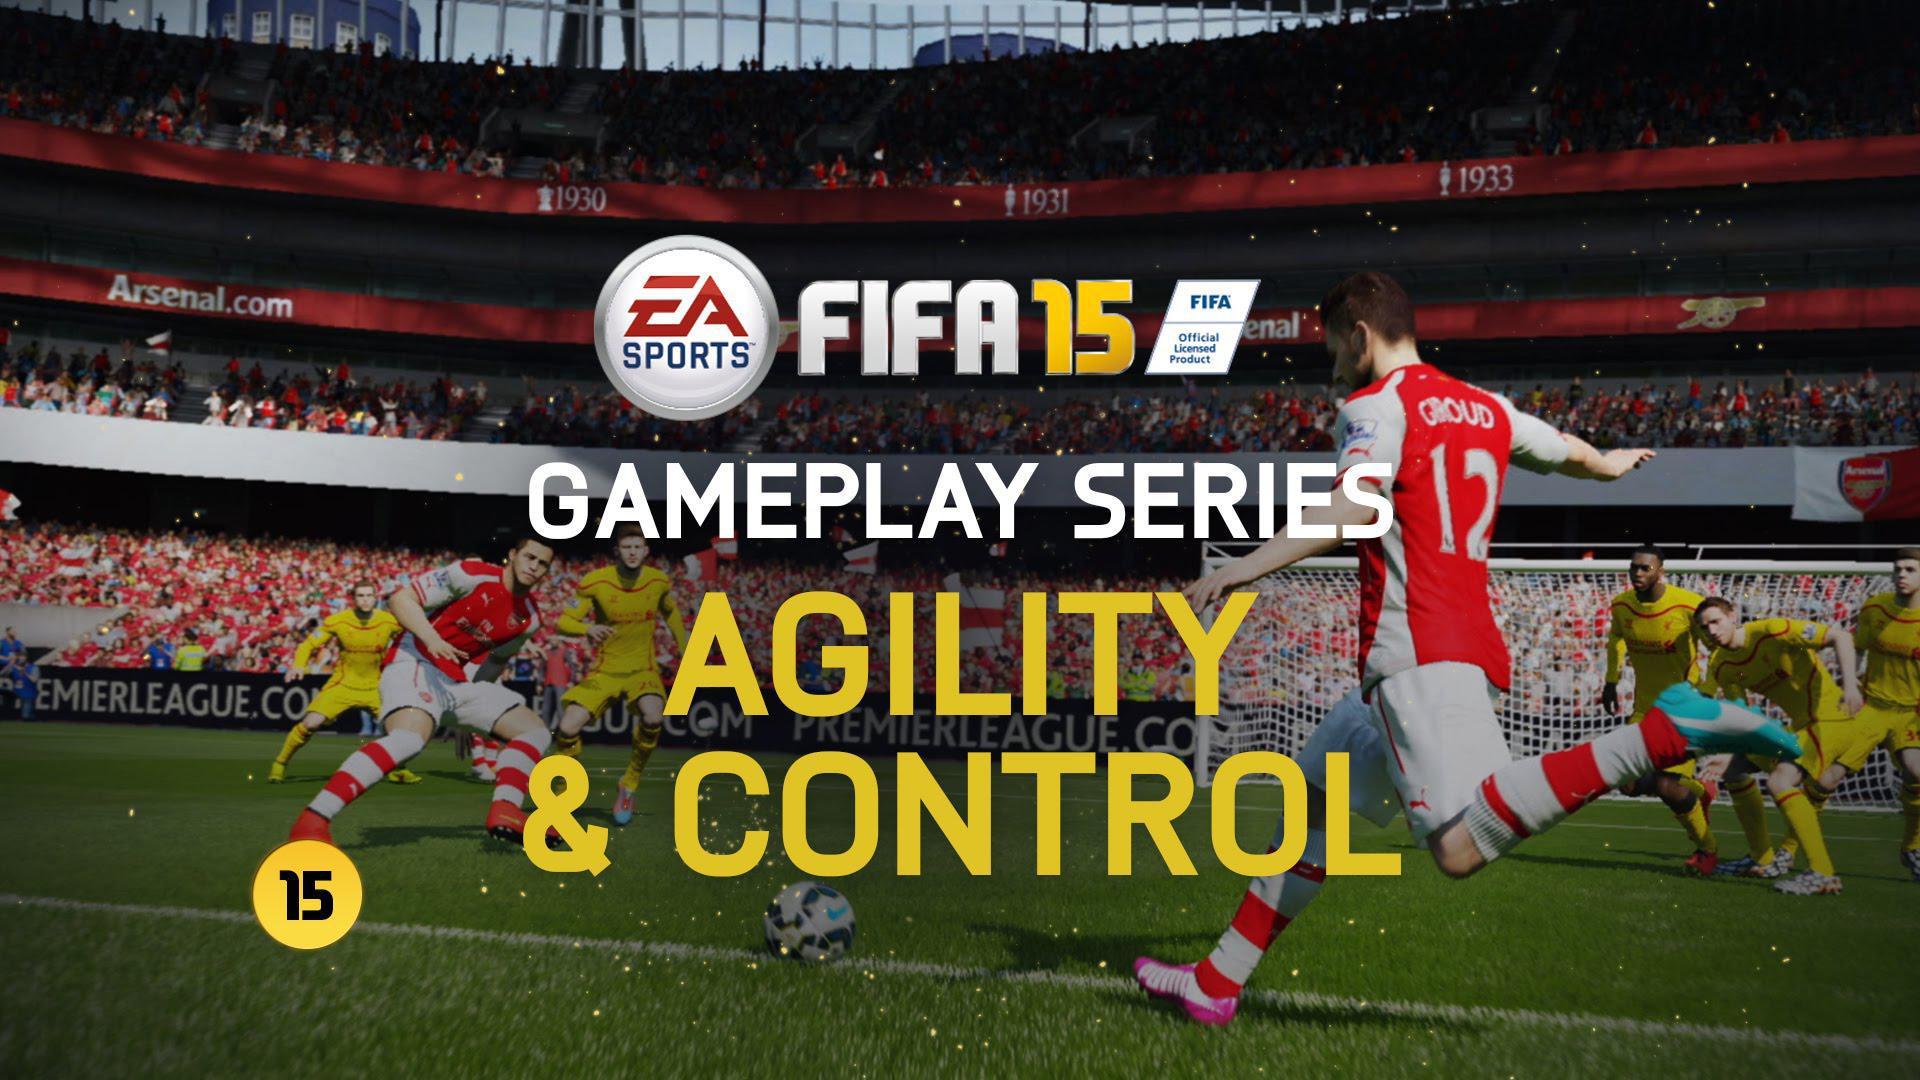 Noul trailer pentru Fifa 15 ne arată totul despre controlul mingii și agilitate